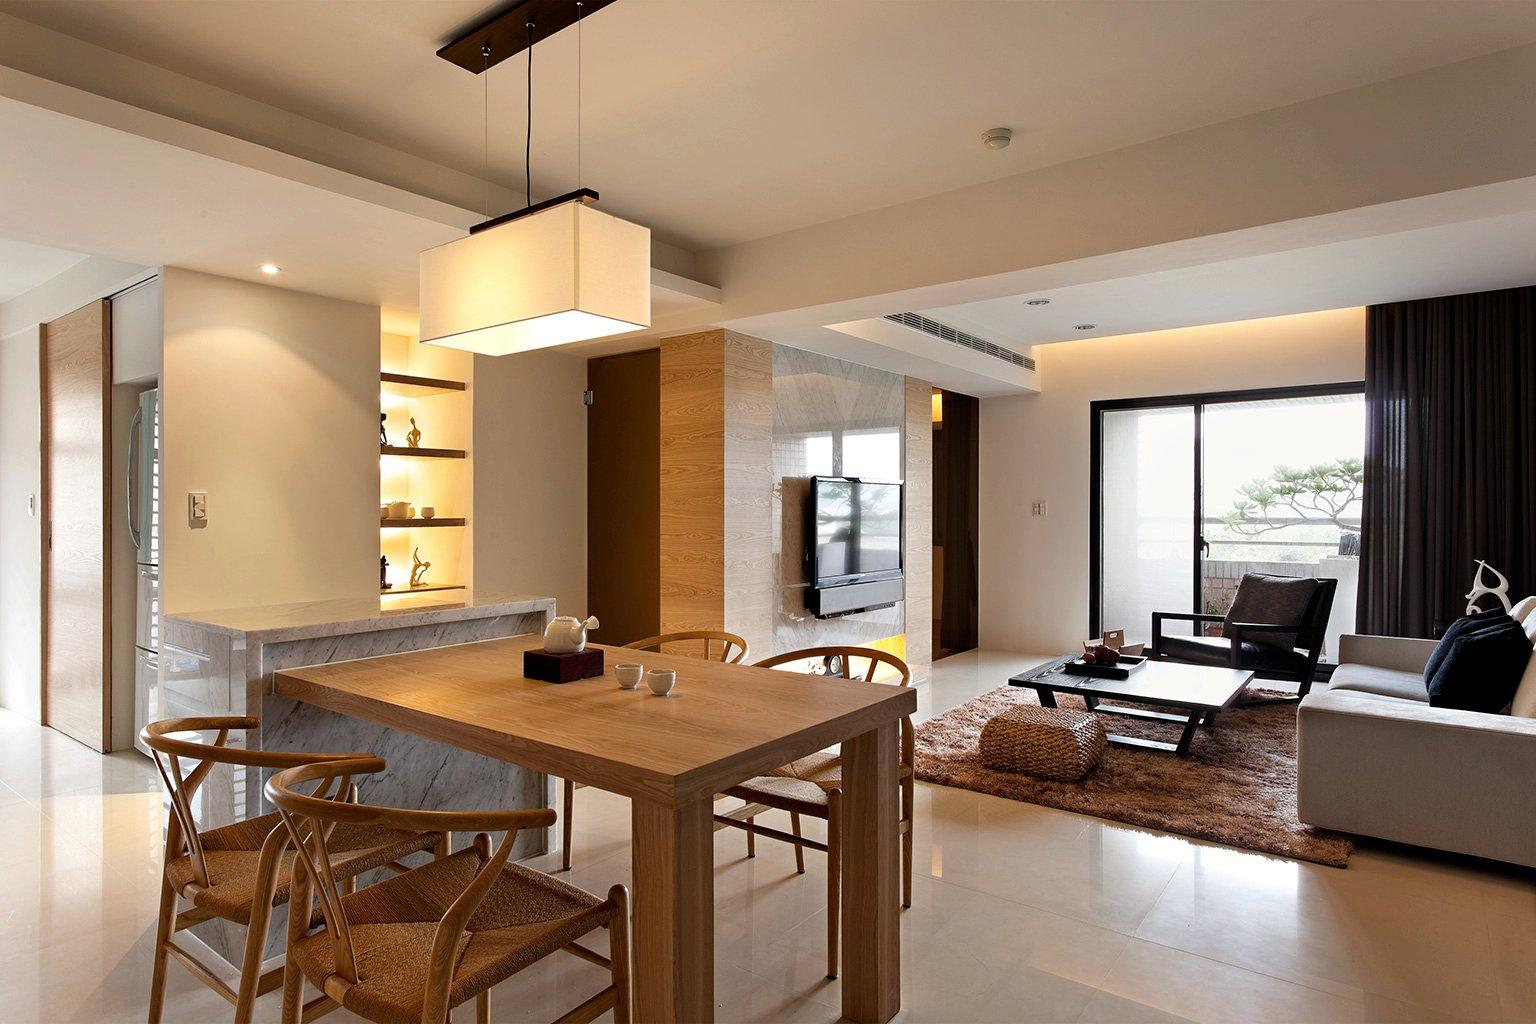 Interior Design Ideas Kitchen Diner